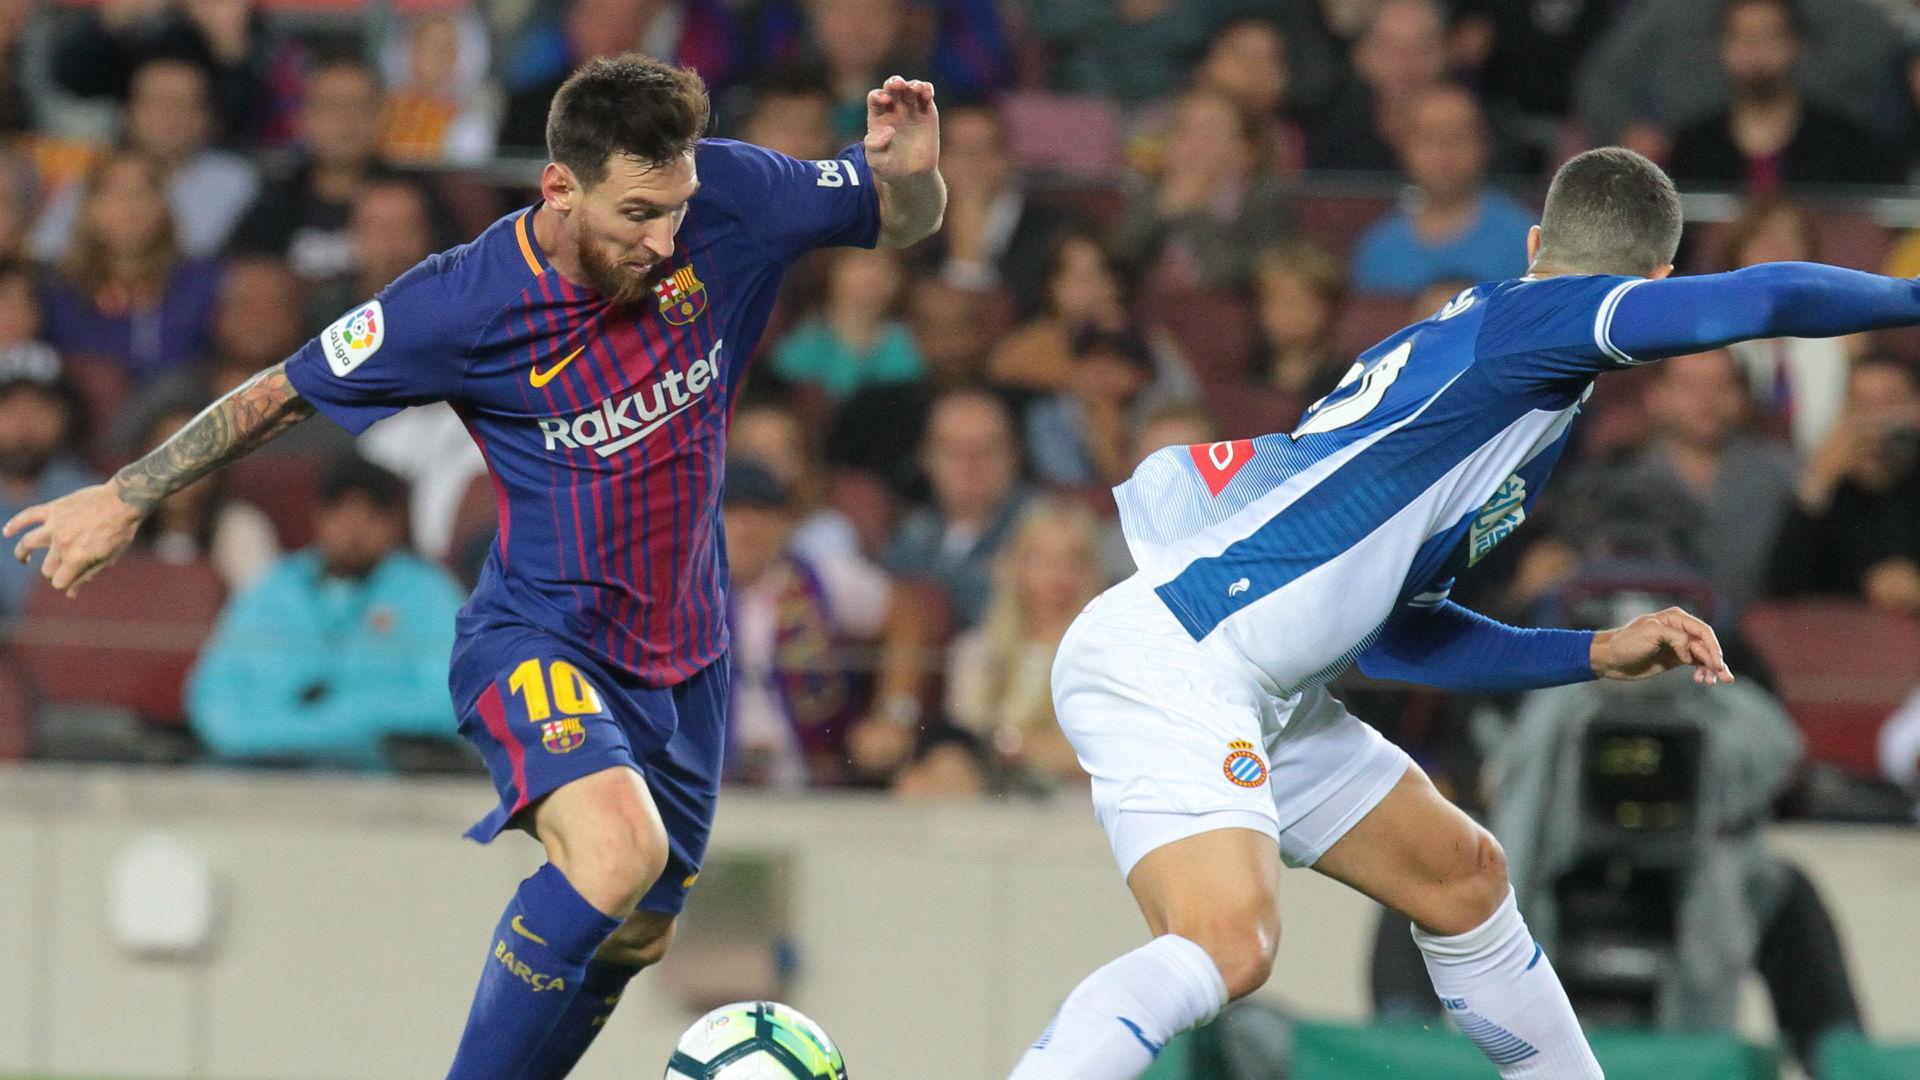 Barcelona busca empate com Espanyol com gol de Piqué no final